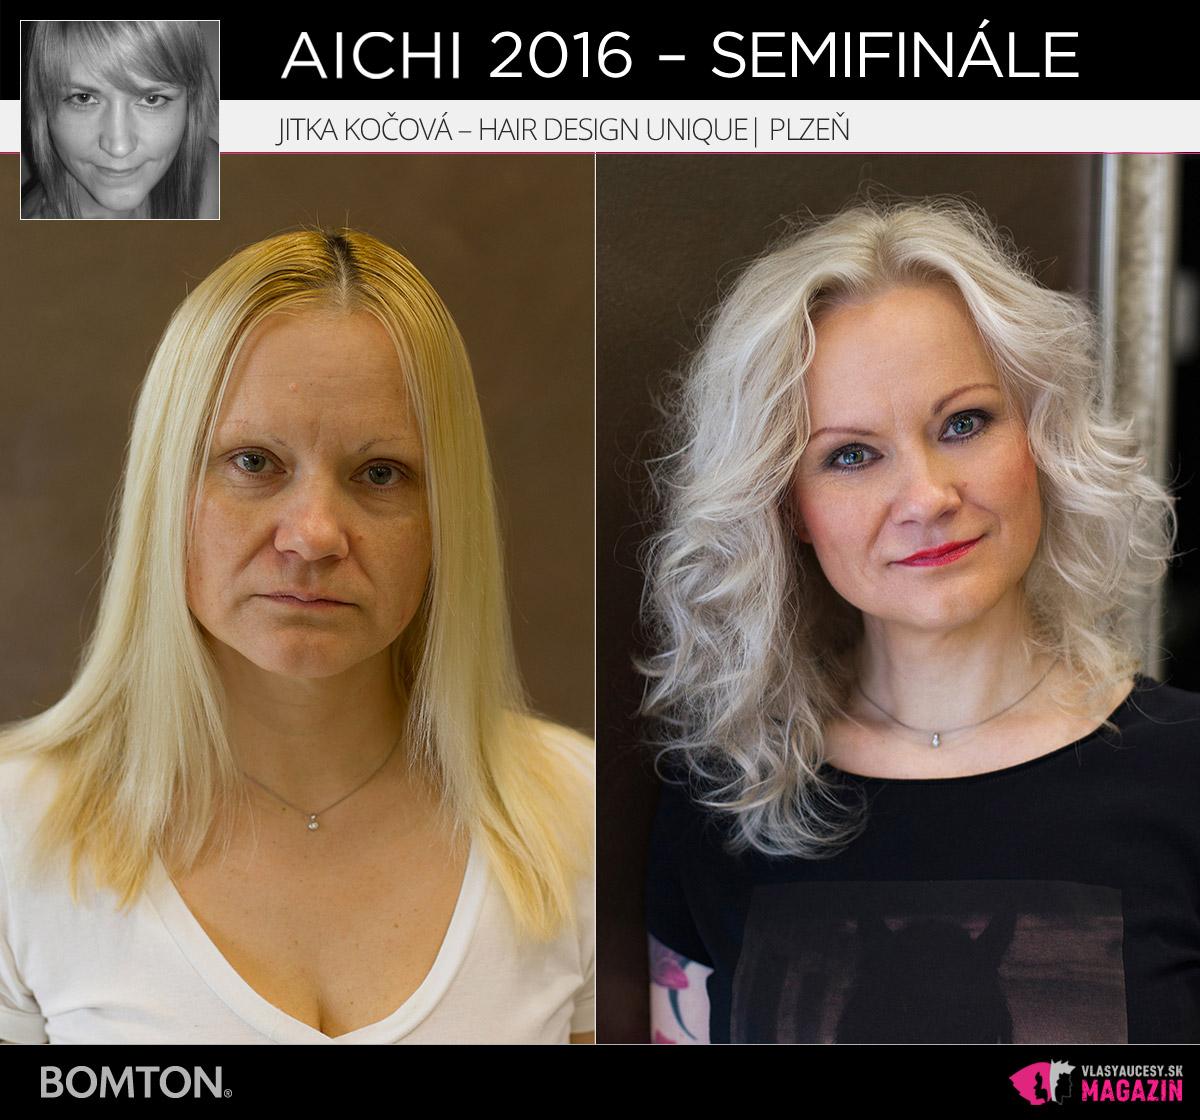 Jitka Kočová – Hair Design Unique, Plzeň | Premeny AICHI 2016 – postupujúci do semifinálového kola